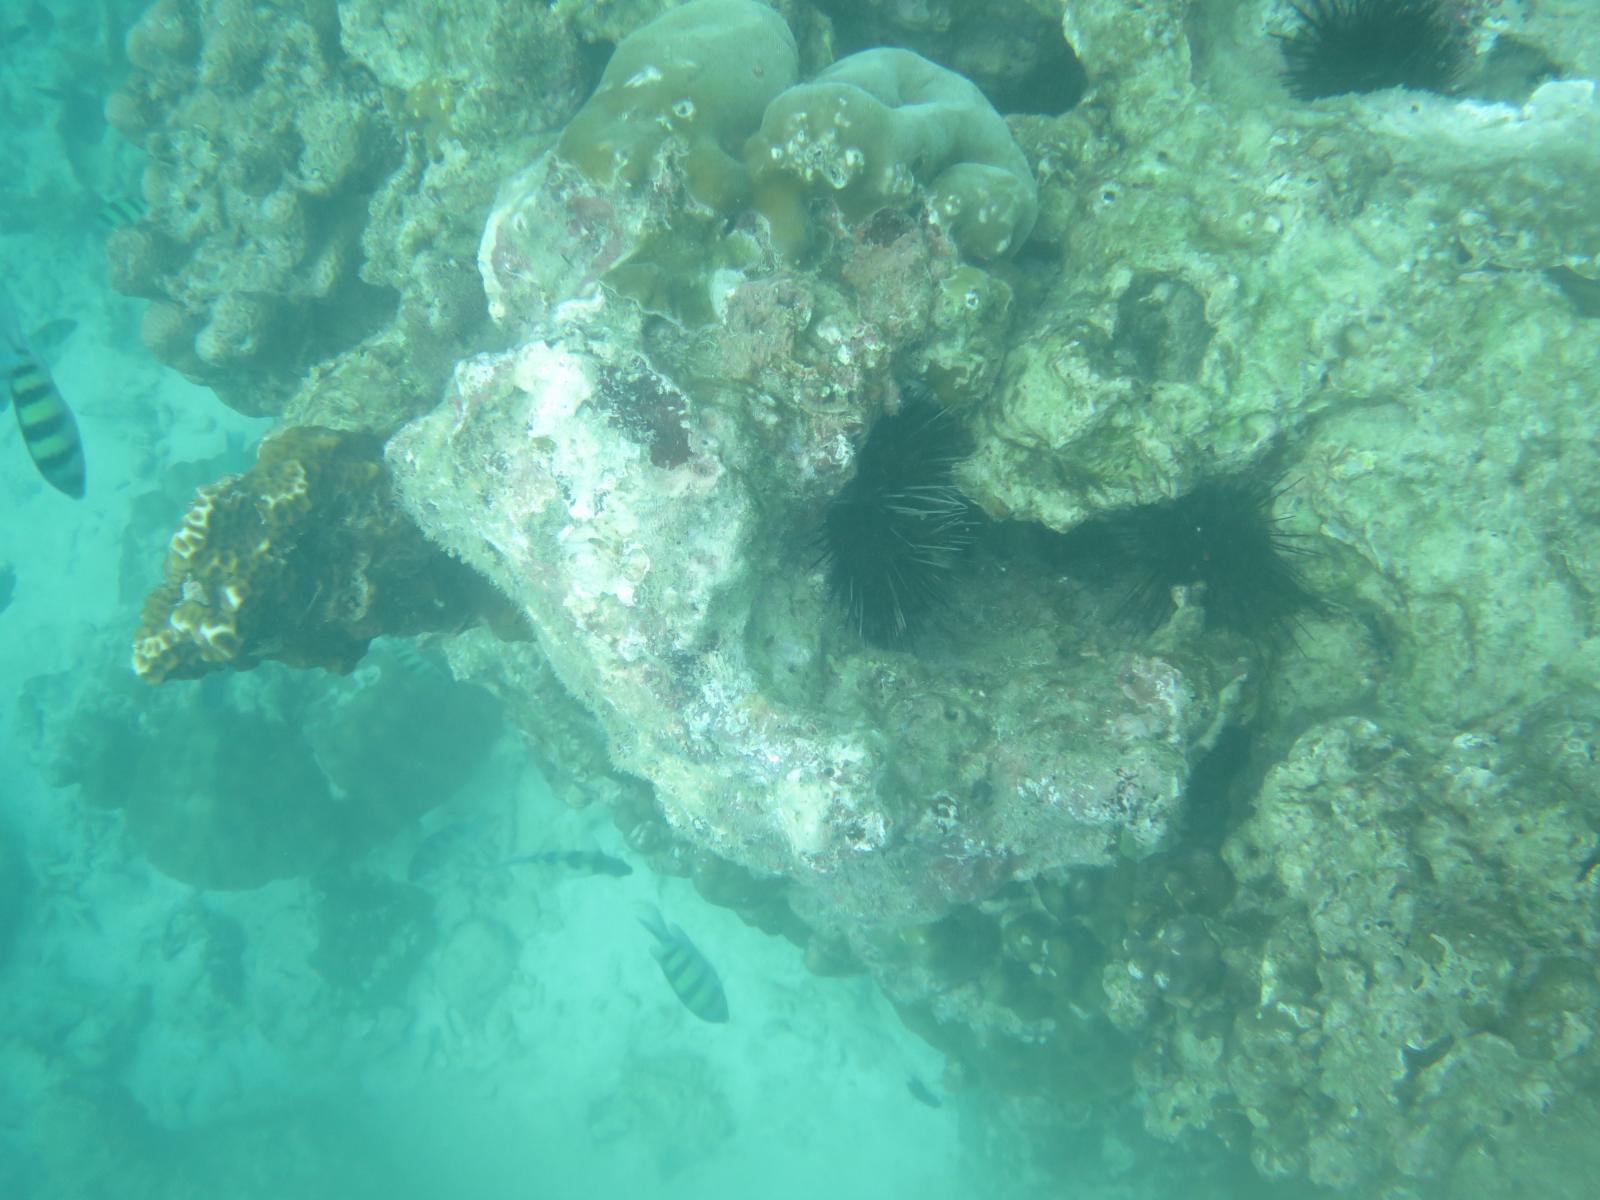 แม้เข้าสู่ฤดูฝน แต่ 2 เดือนหลังจากนี้ คือระยะที่ปะการังฟอกขาวอ่อนแอที่สุด